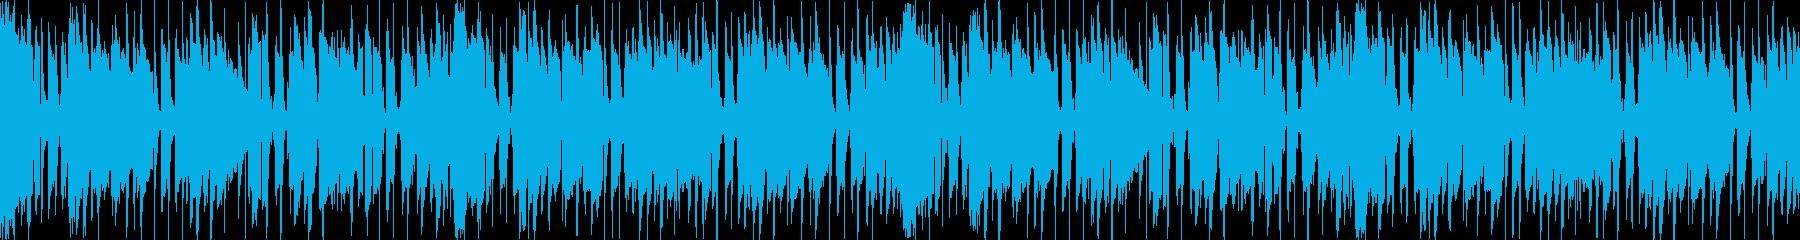 ループ、ウッドベース、明るく軽快なリズムの再生済みの波形